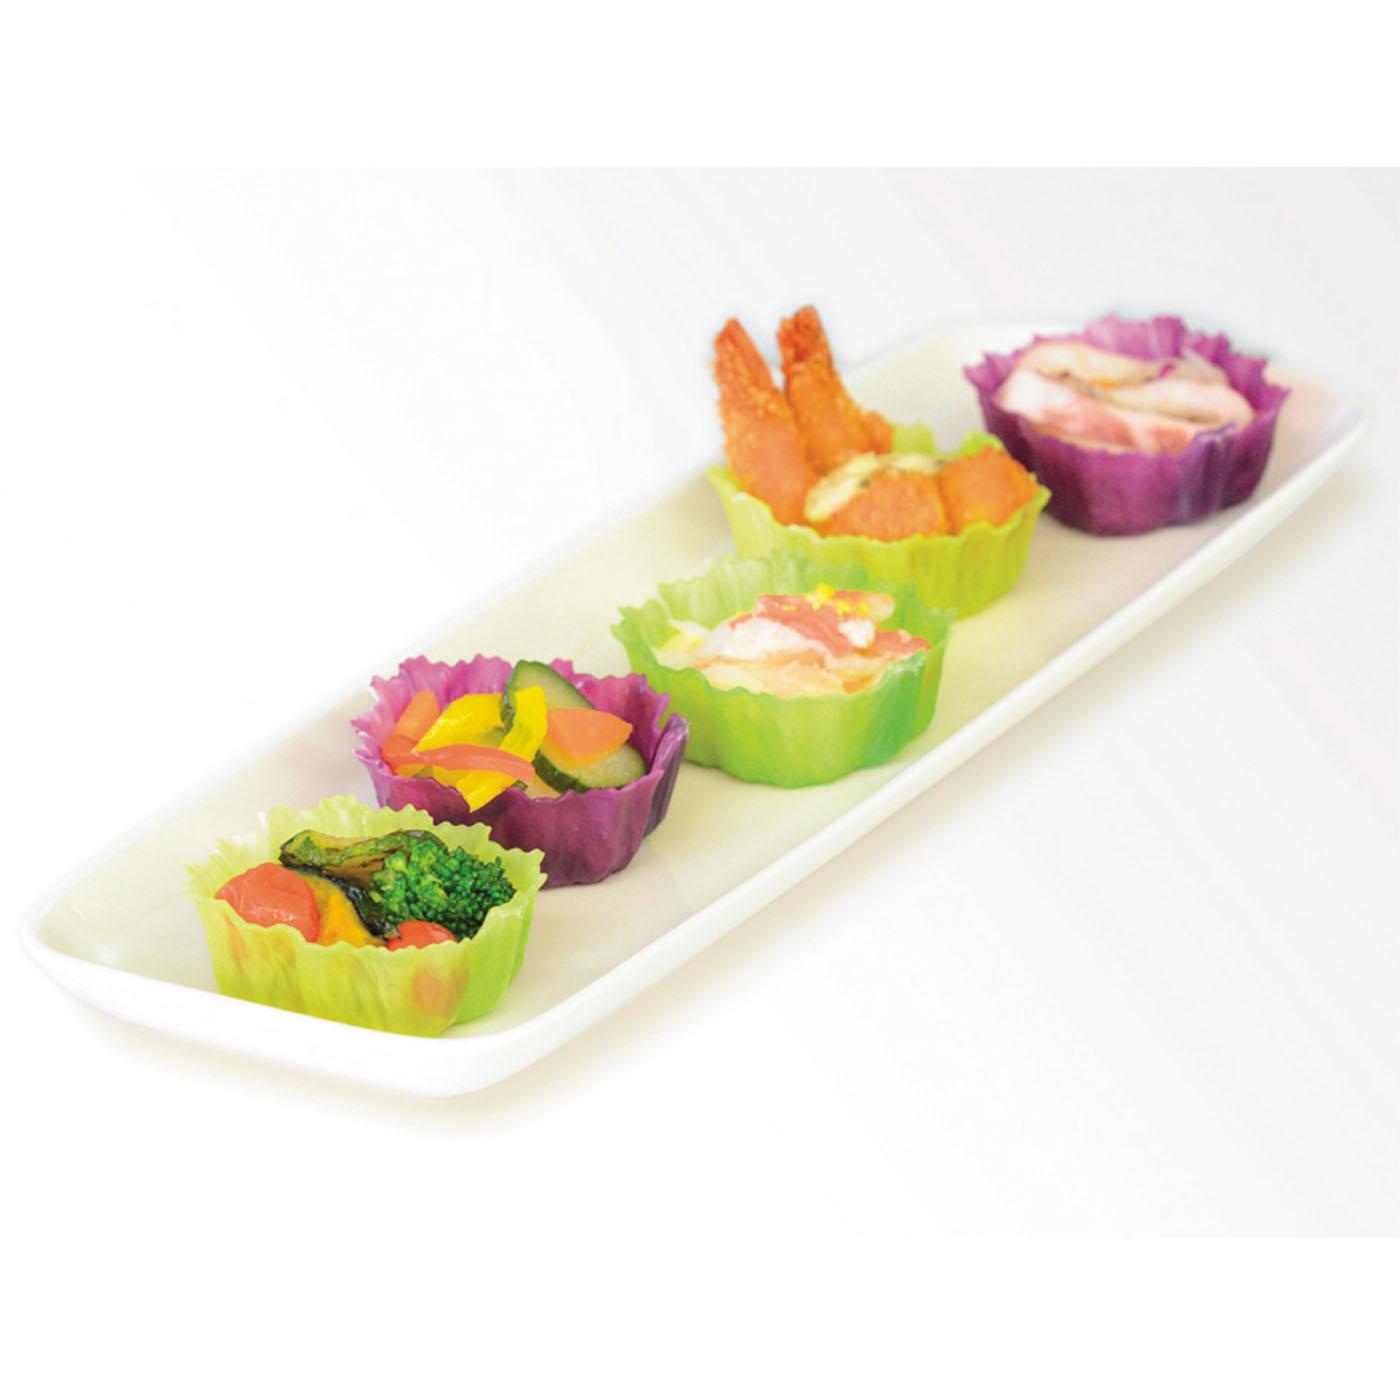 レタスを連想させる形状と鮮やかでリアルな色彩は、食材をより引き立てます。